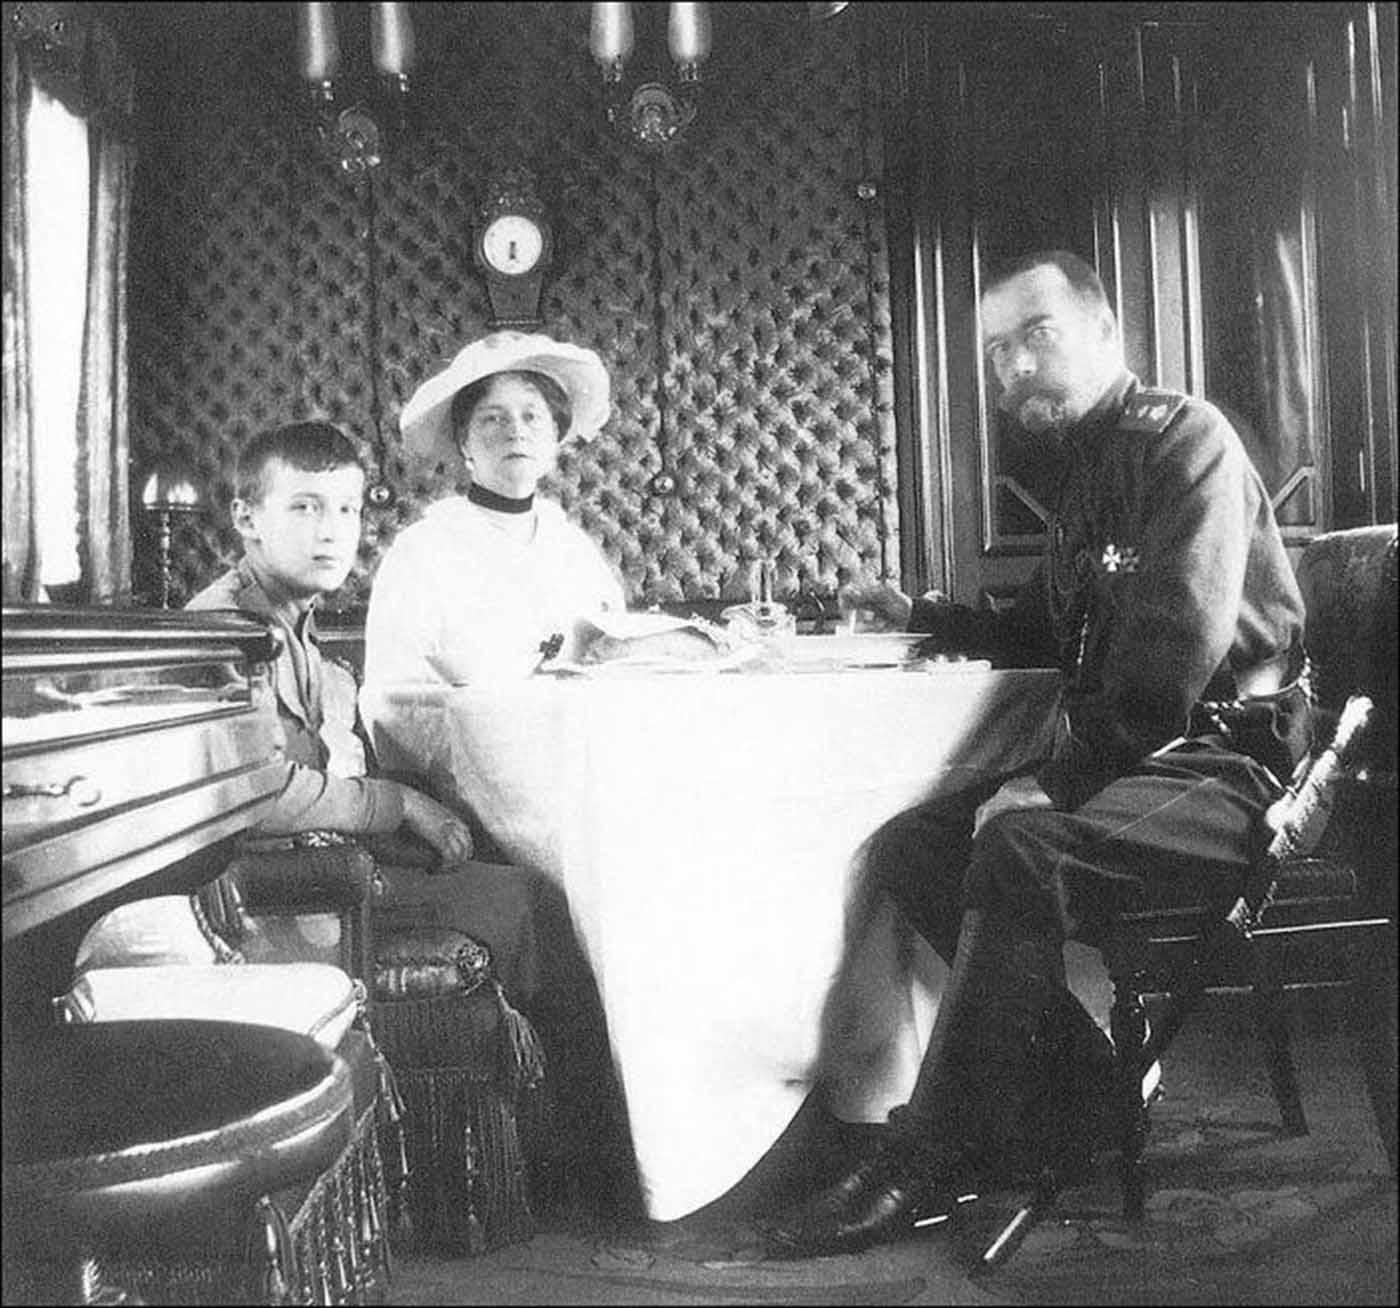 La emperatriz Alexandra, el zar Nicolás II y el zarevich alexei.